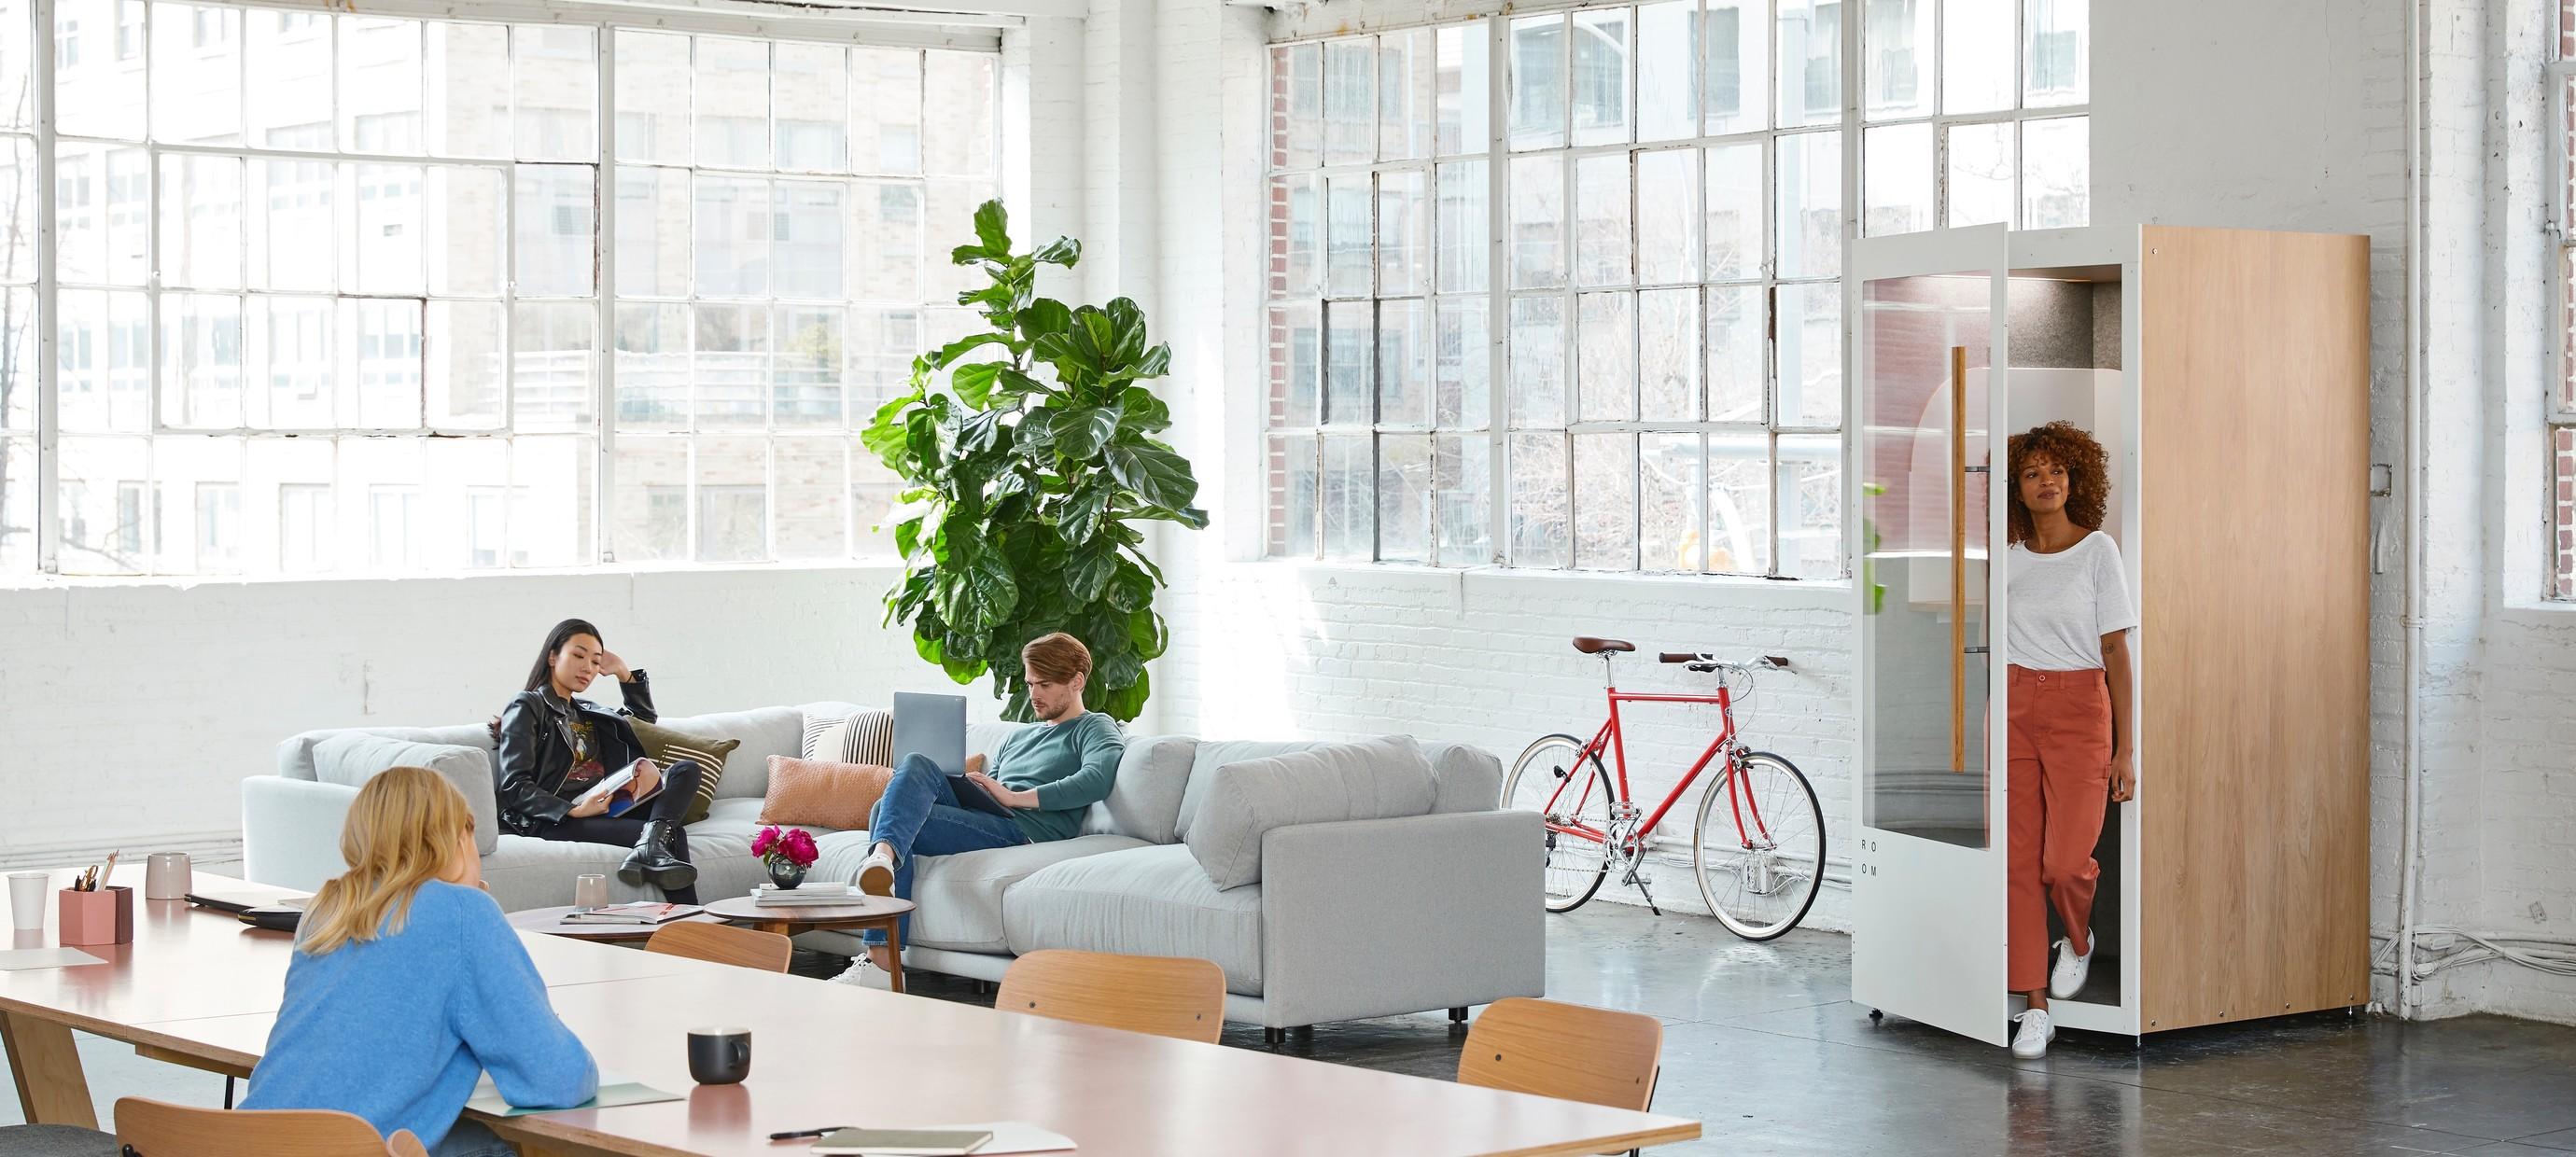 5 tips om je kantoor op te leuken met planten